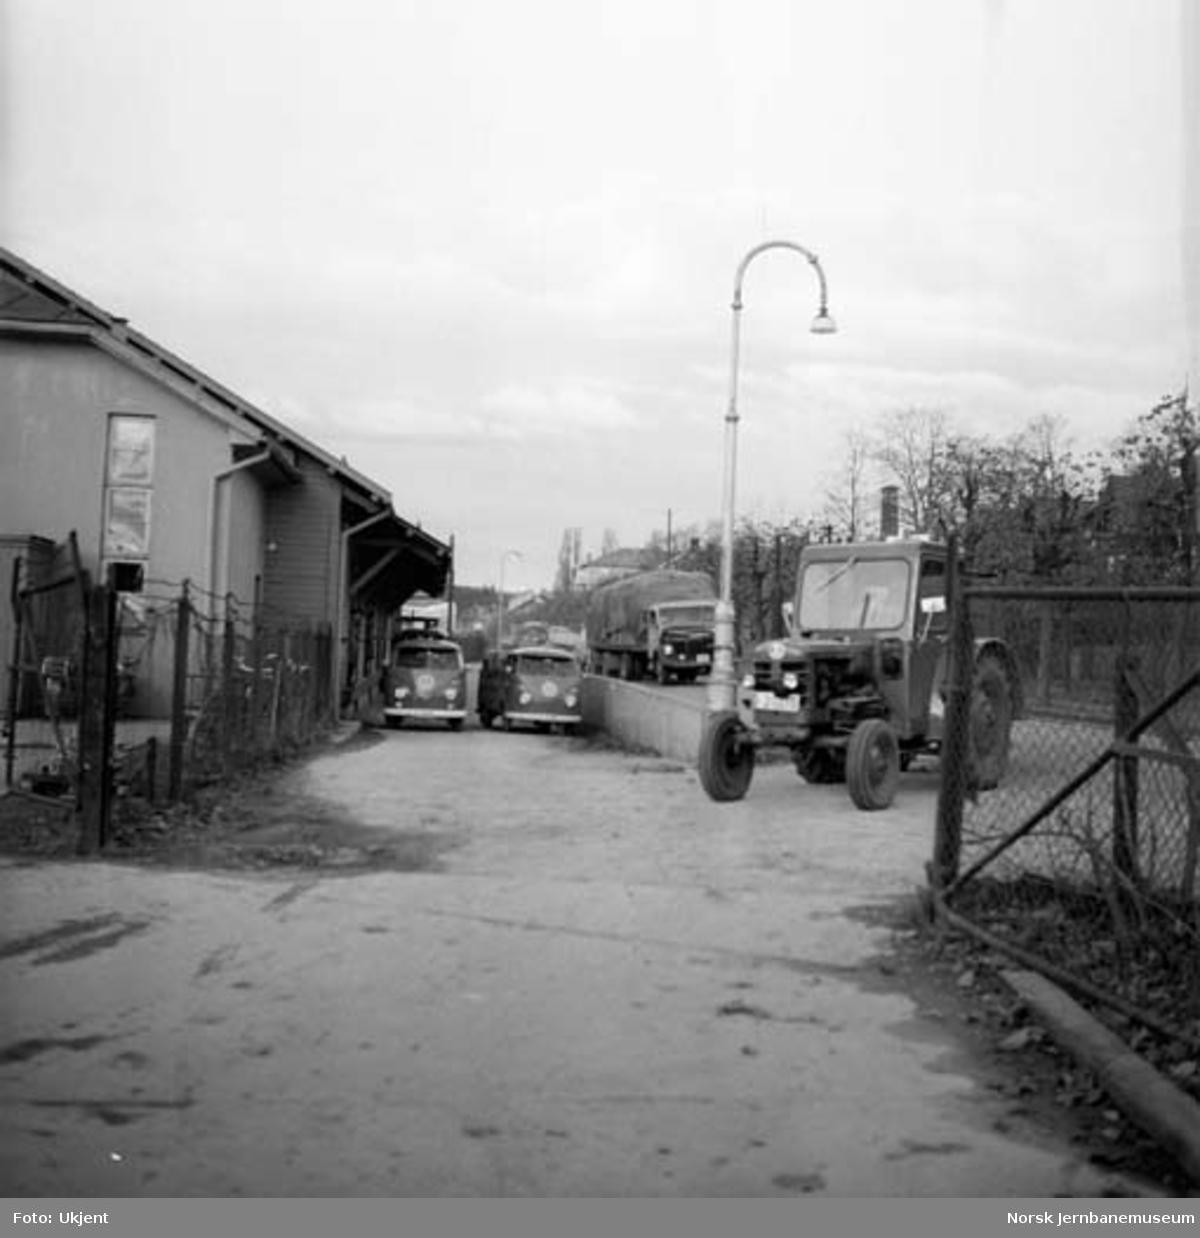 Hamar godshus med stasjonens traktor og E6 fremfor bygningen